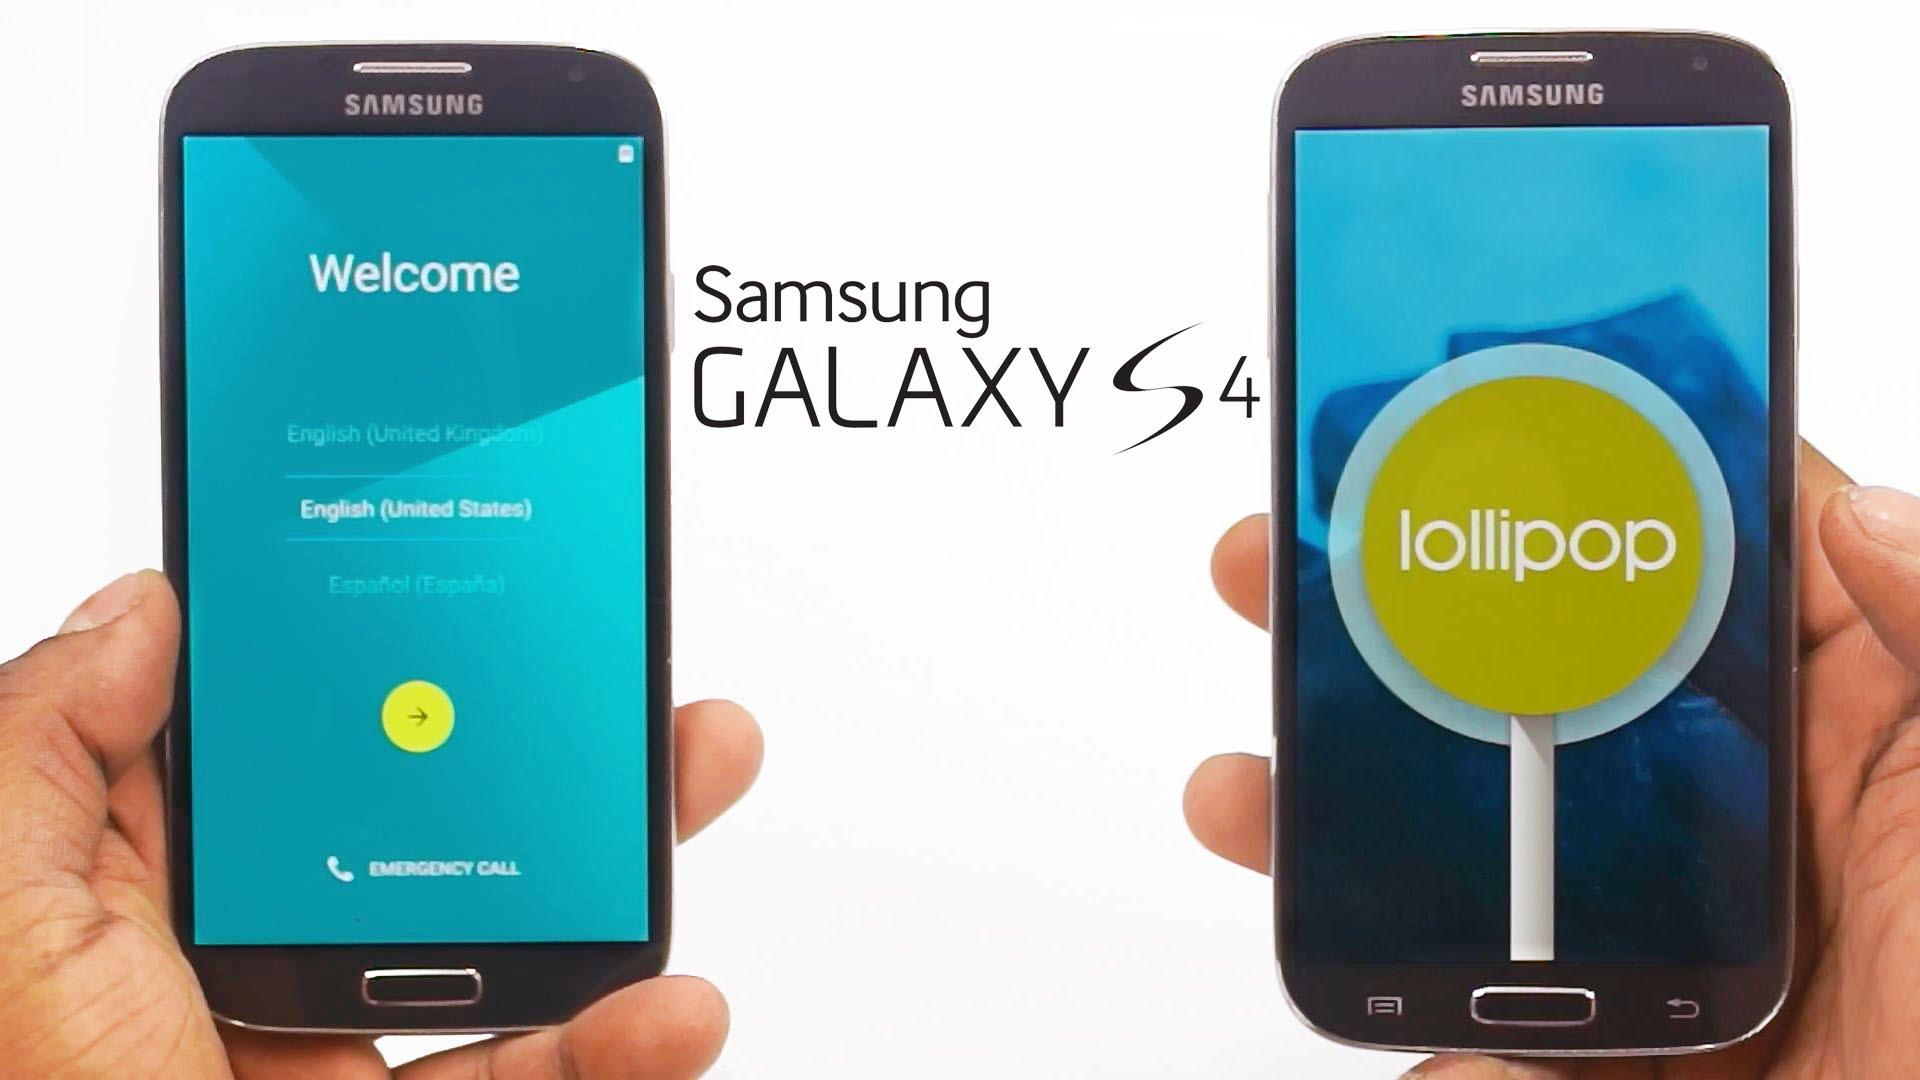 Samsung Galaxy S4 riceve l'aggiornamento Android 5.0.1 Lollipop in Italia